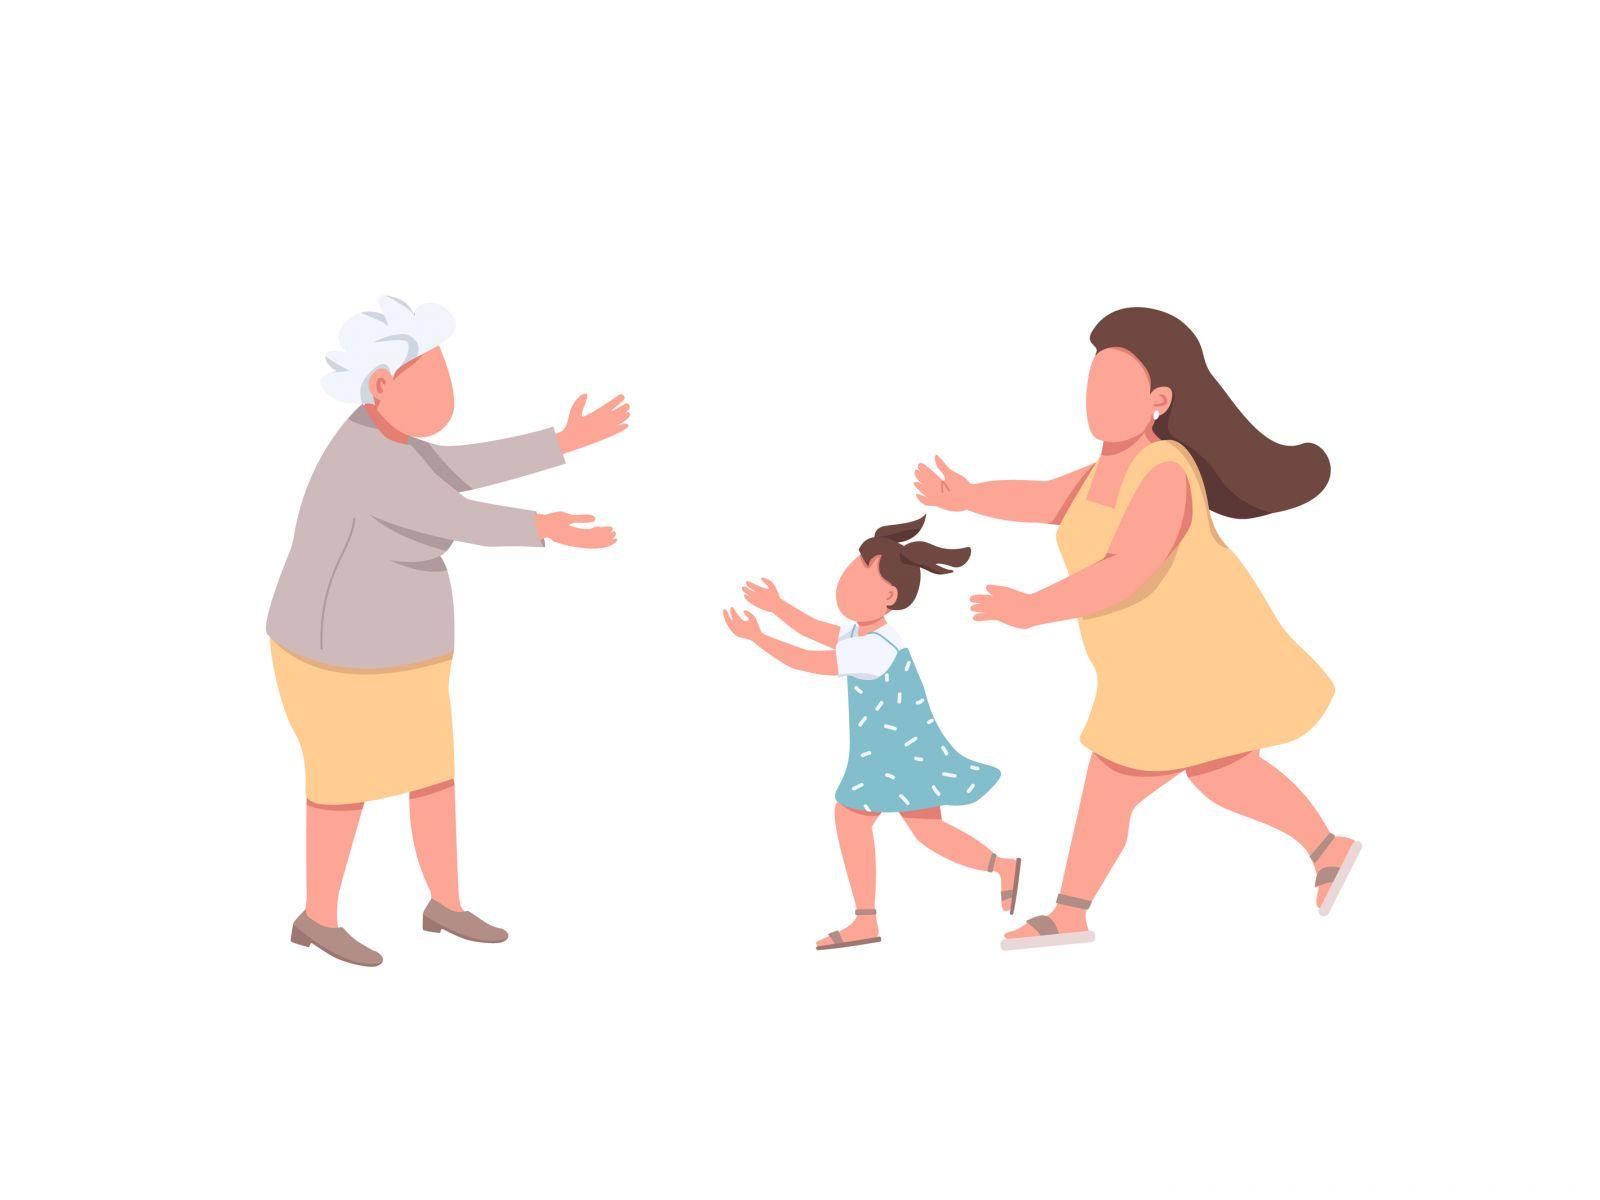 部落客宅女小紅:伴父親走過安寧最後一段路,家人更容易放下